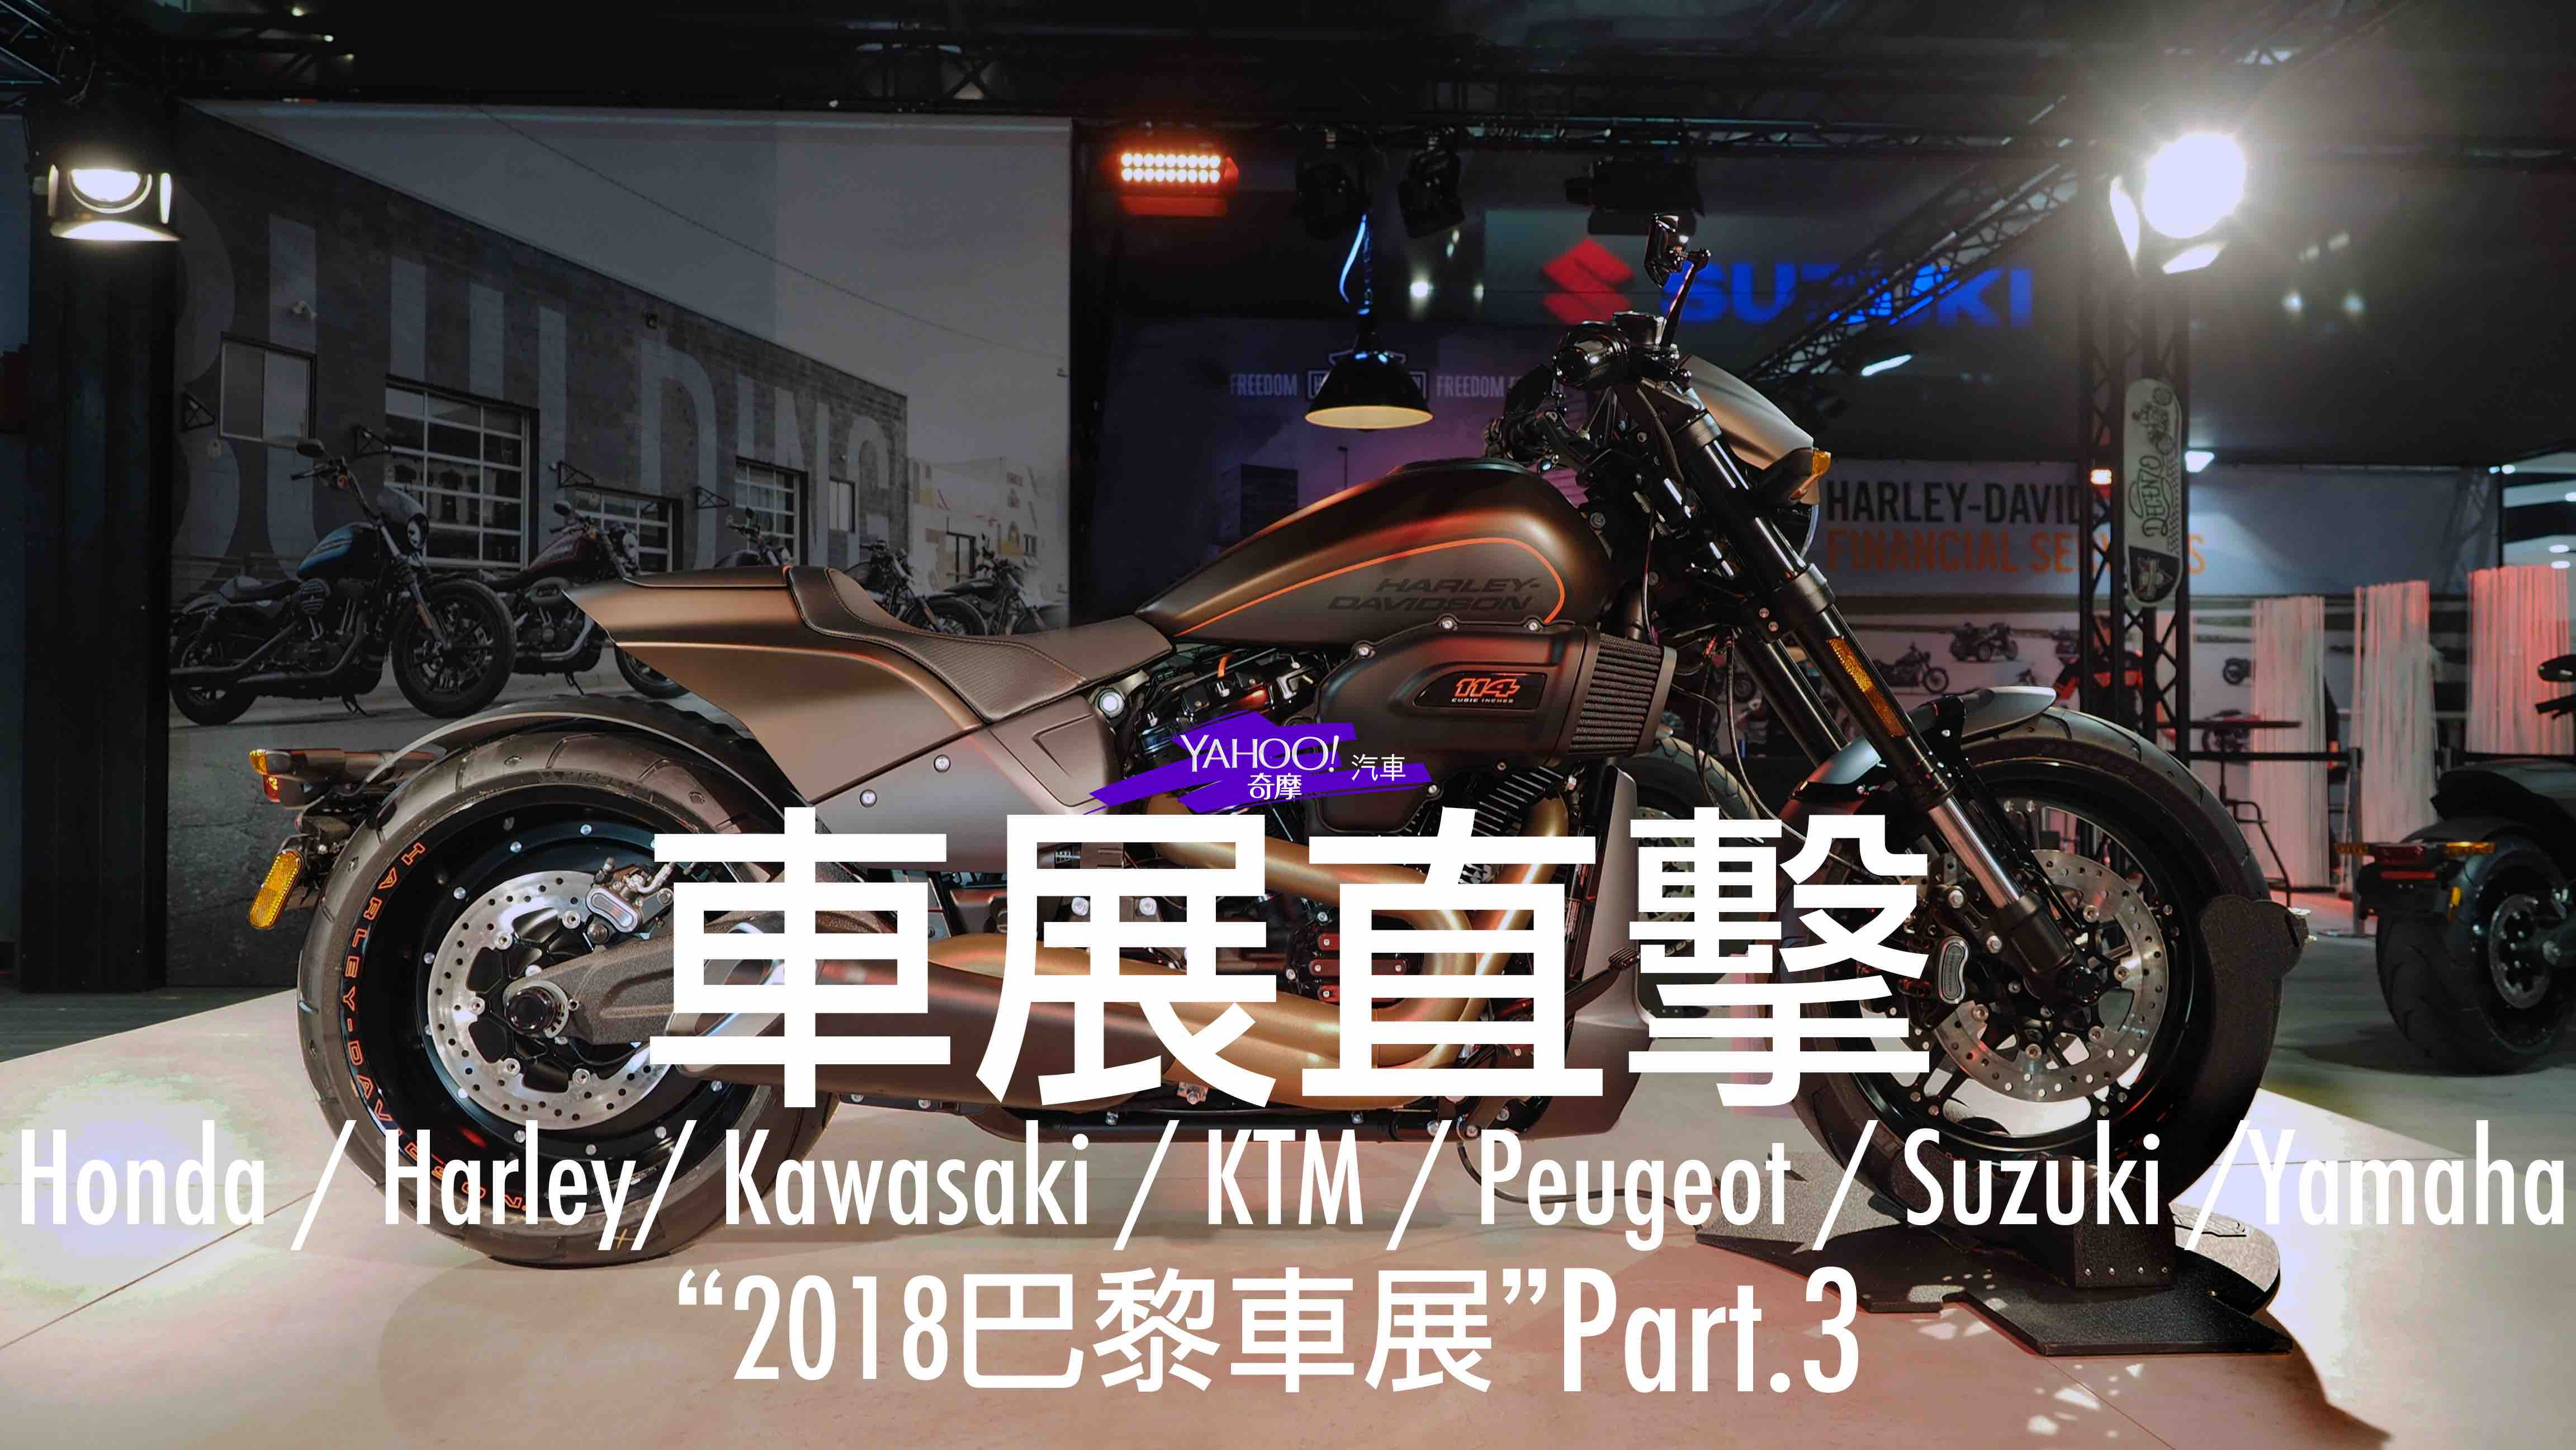 【巴黎車展看Yahoo】2018 巴黎車展直擊 Part 3 (機車館)